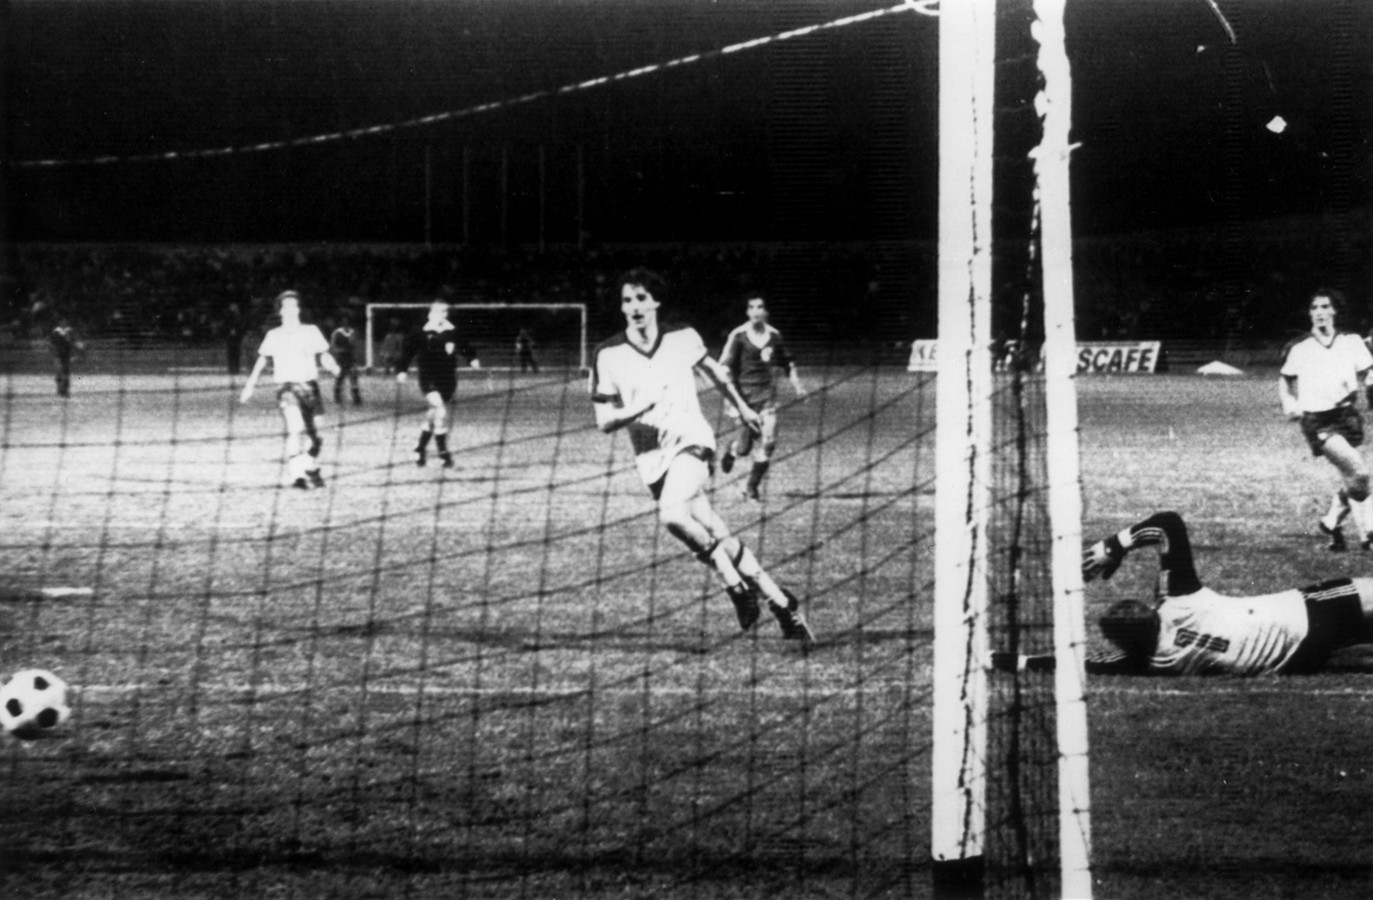 Na de 10-0 nederlaag in Amsterdam, wint Omonia in 1979 de return van Ajax met 4-0.